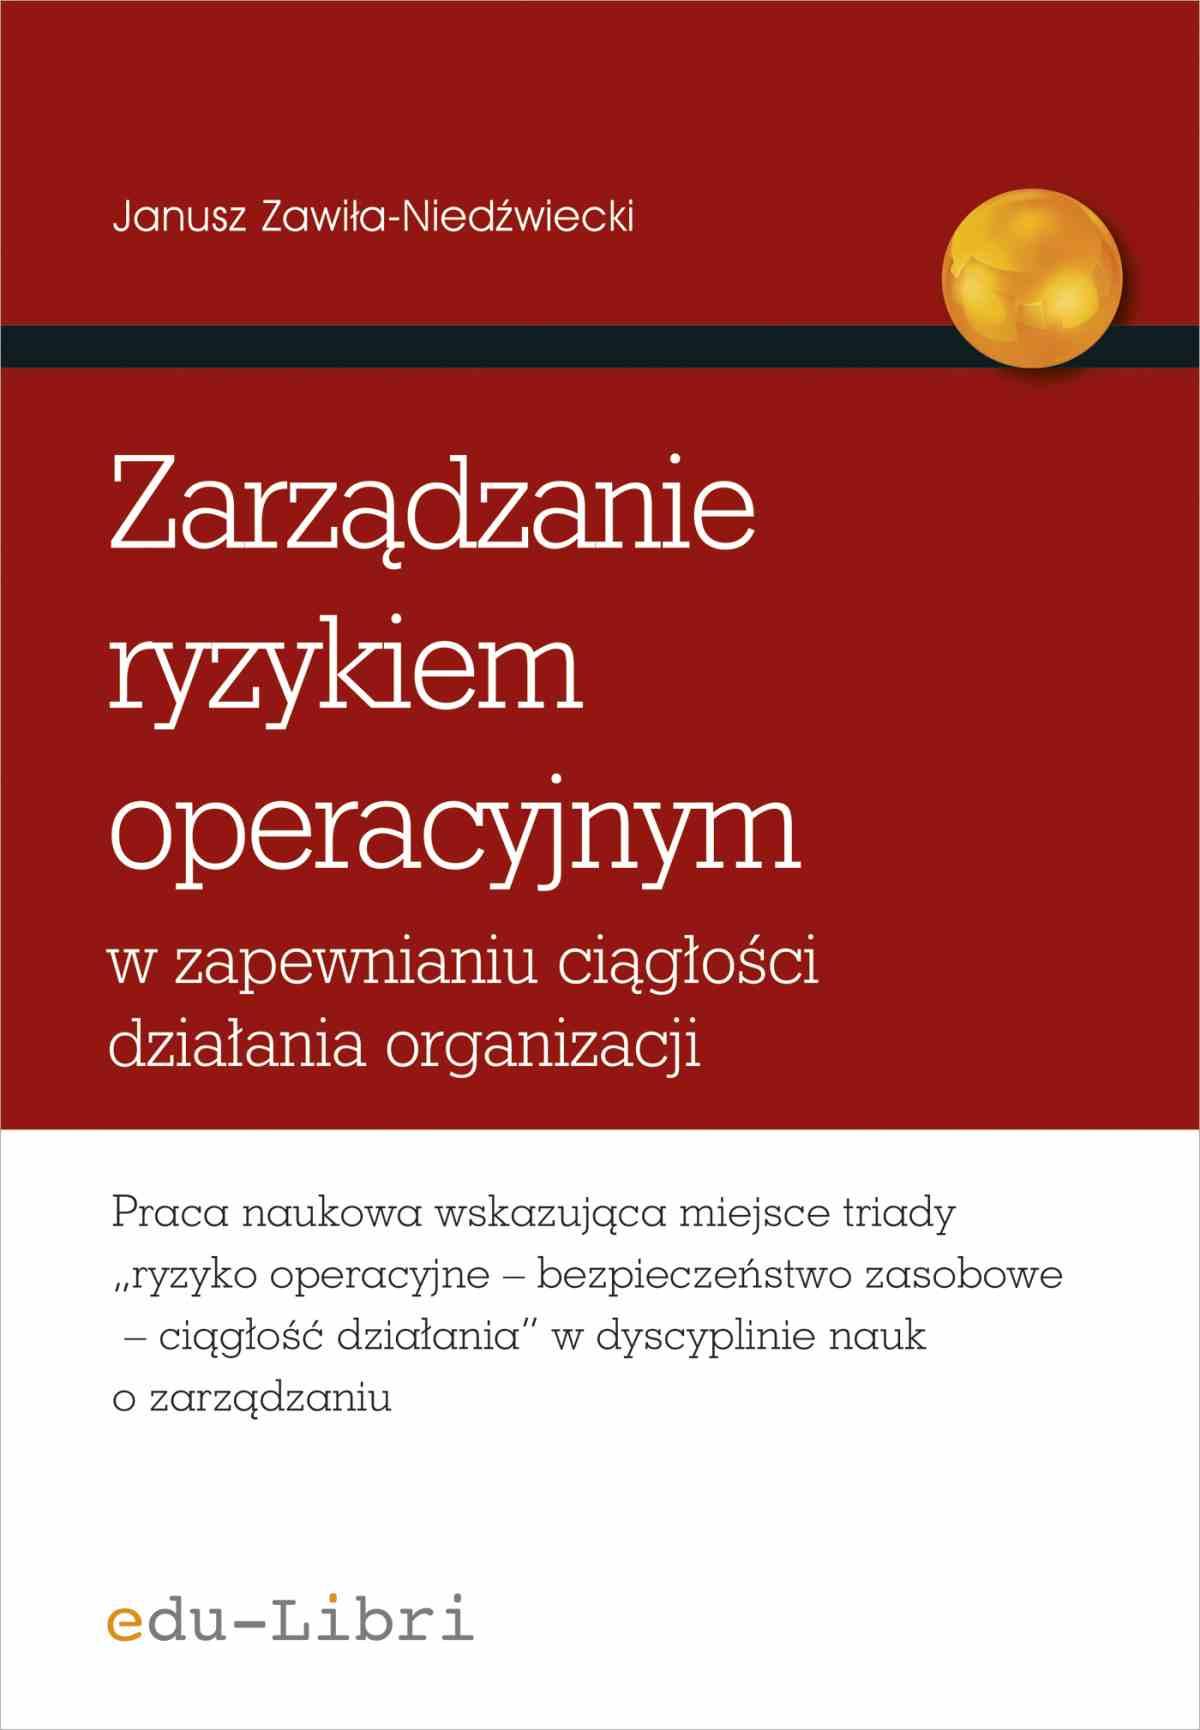 Zarządzanie ryzykiem operacyjnym w zapewnianiu ciągłości działania organizacji - Ebook (Książka PDF) do pobrania w formacie PDF